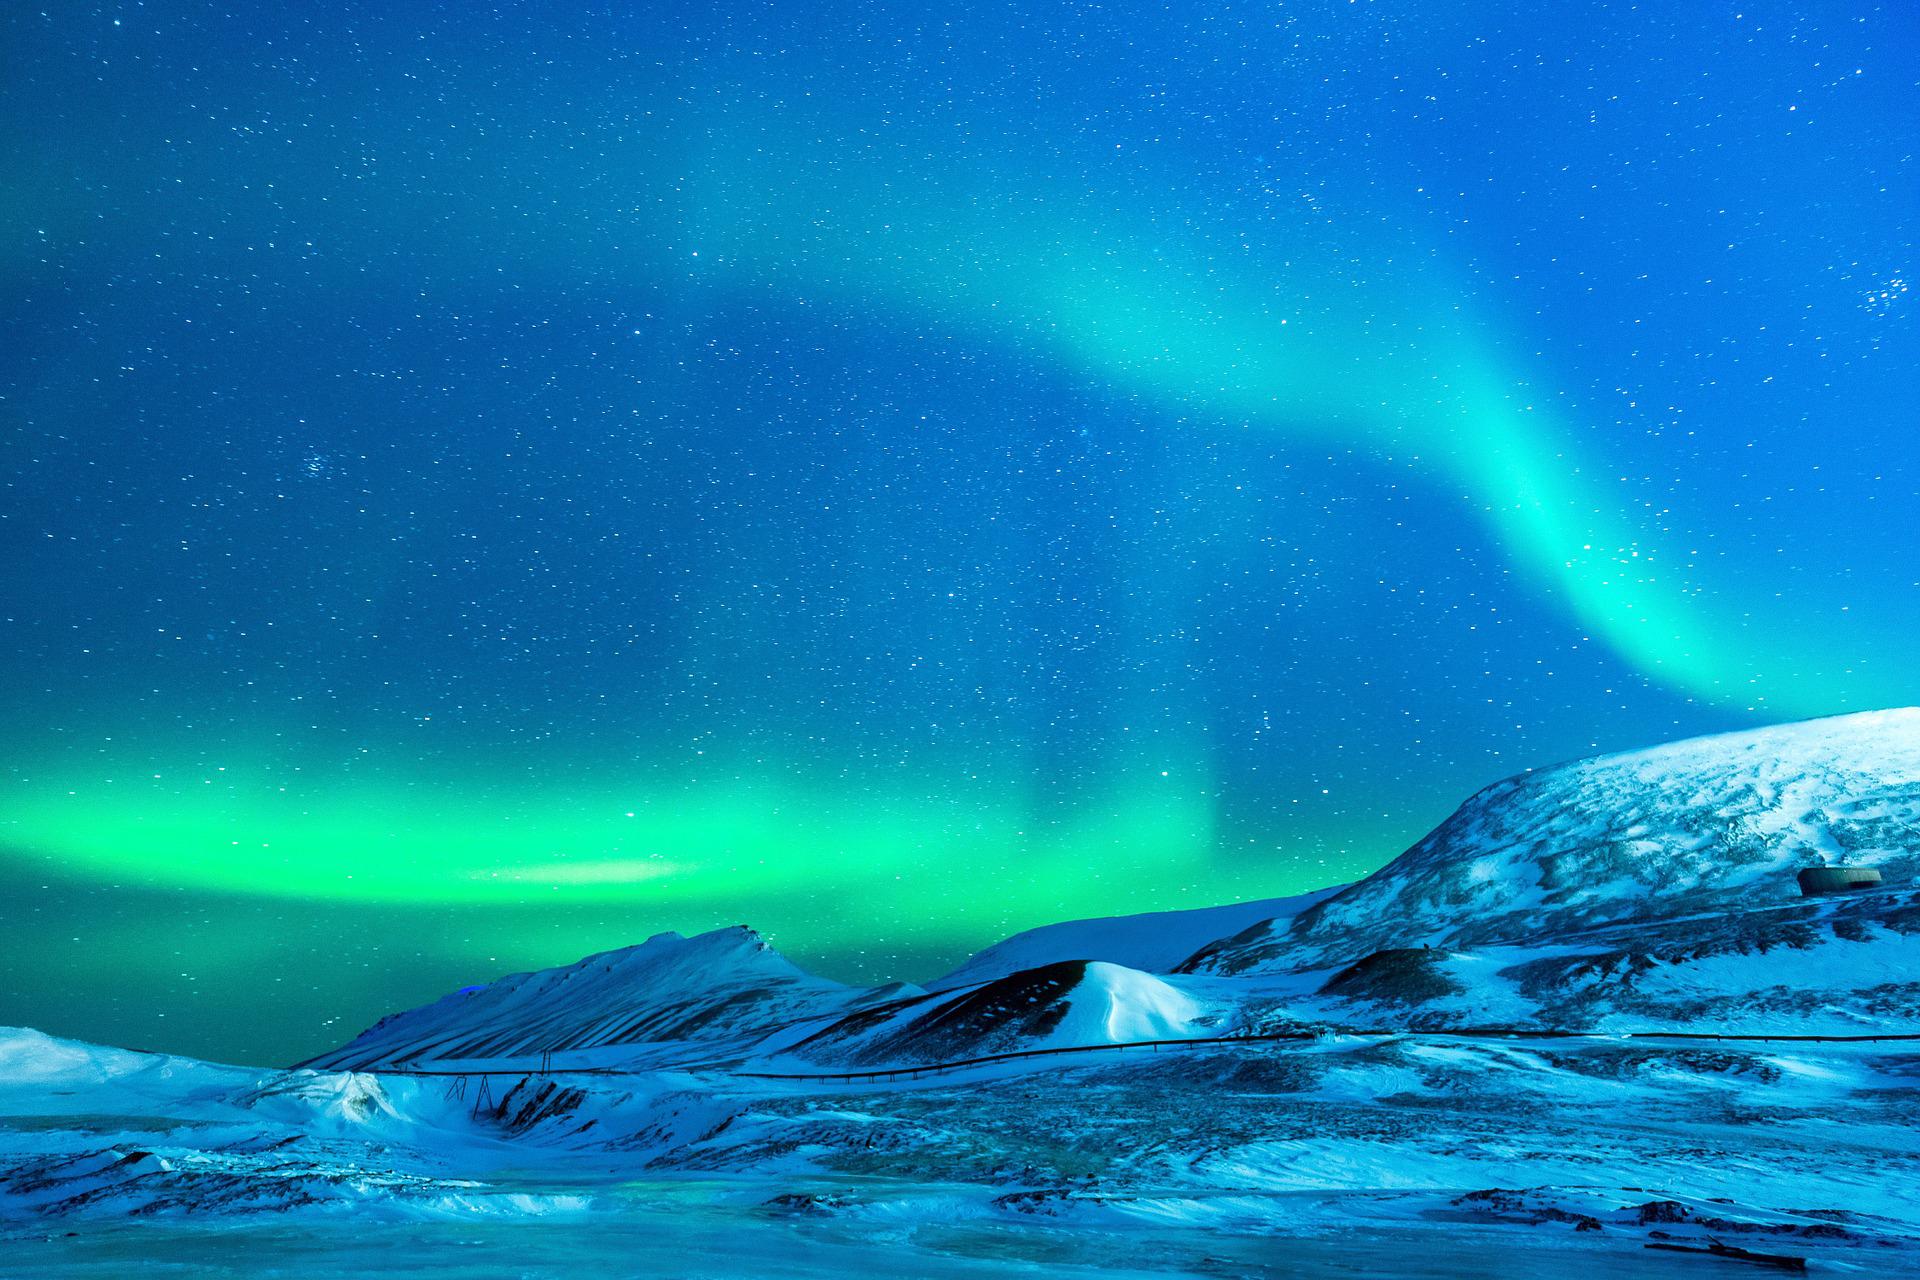 noordpool rondreizen vergelijken